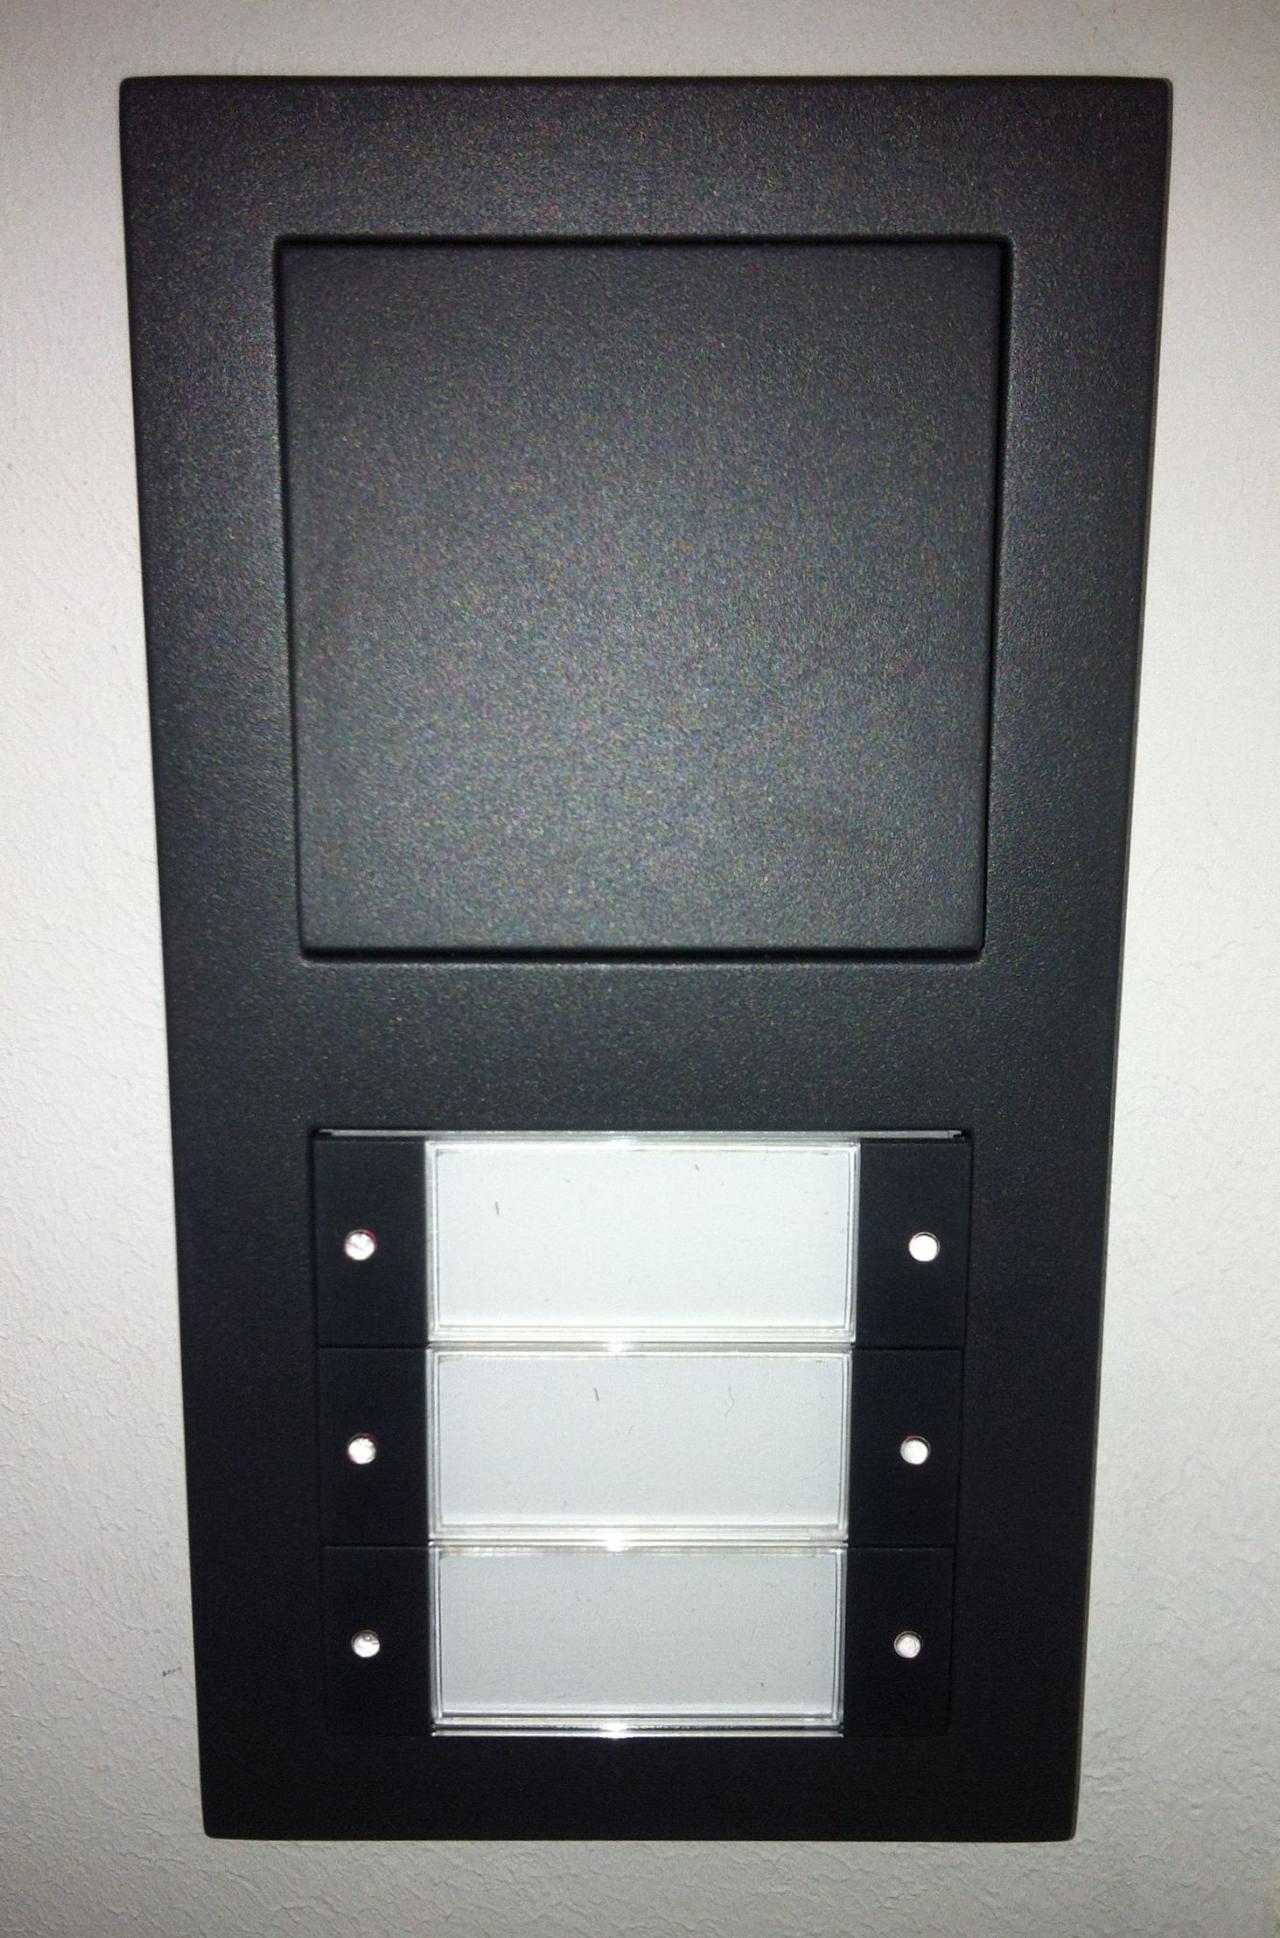 KNX MDT Glastaster - Seite 2 | Bauforum auf energiesparhaus.at